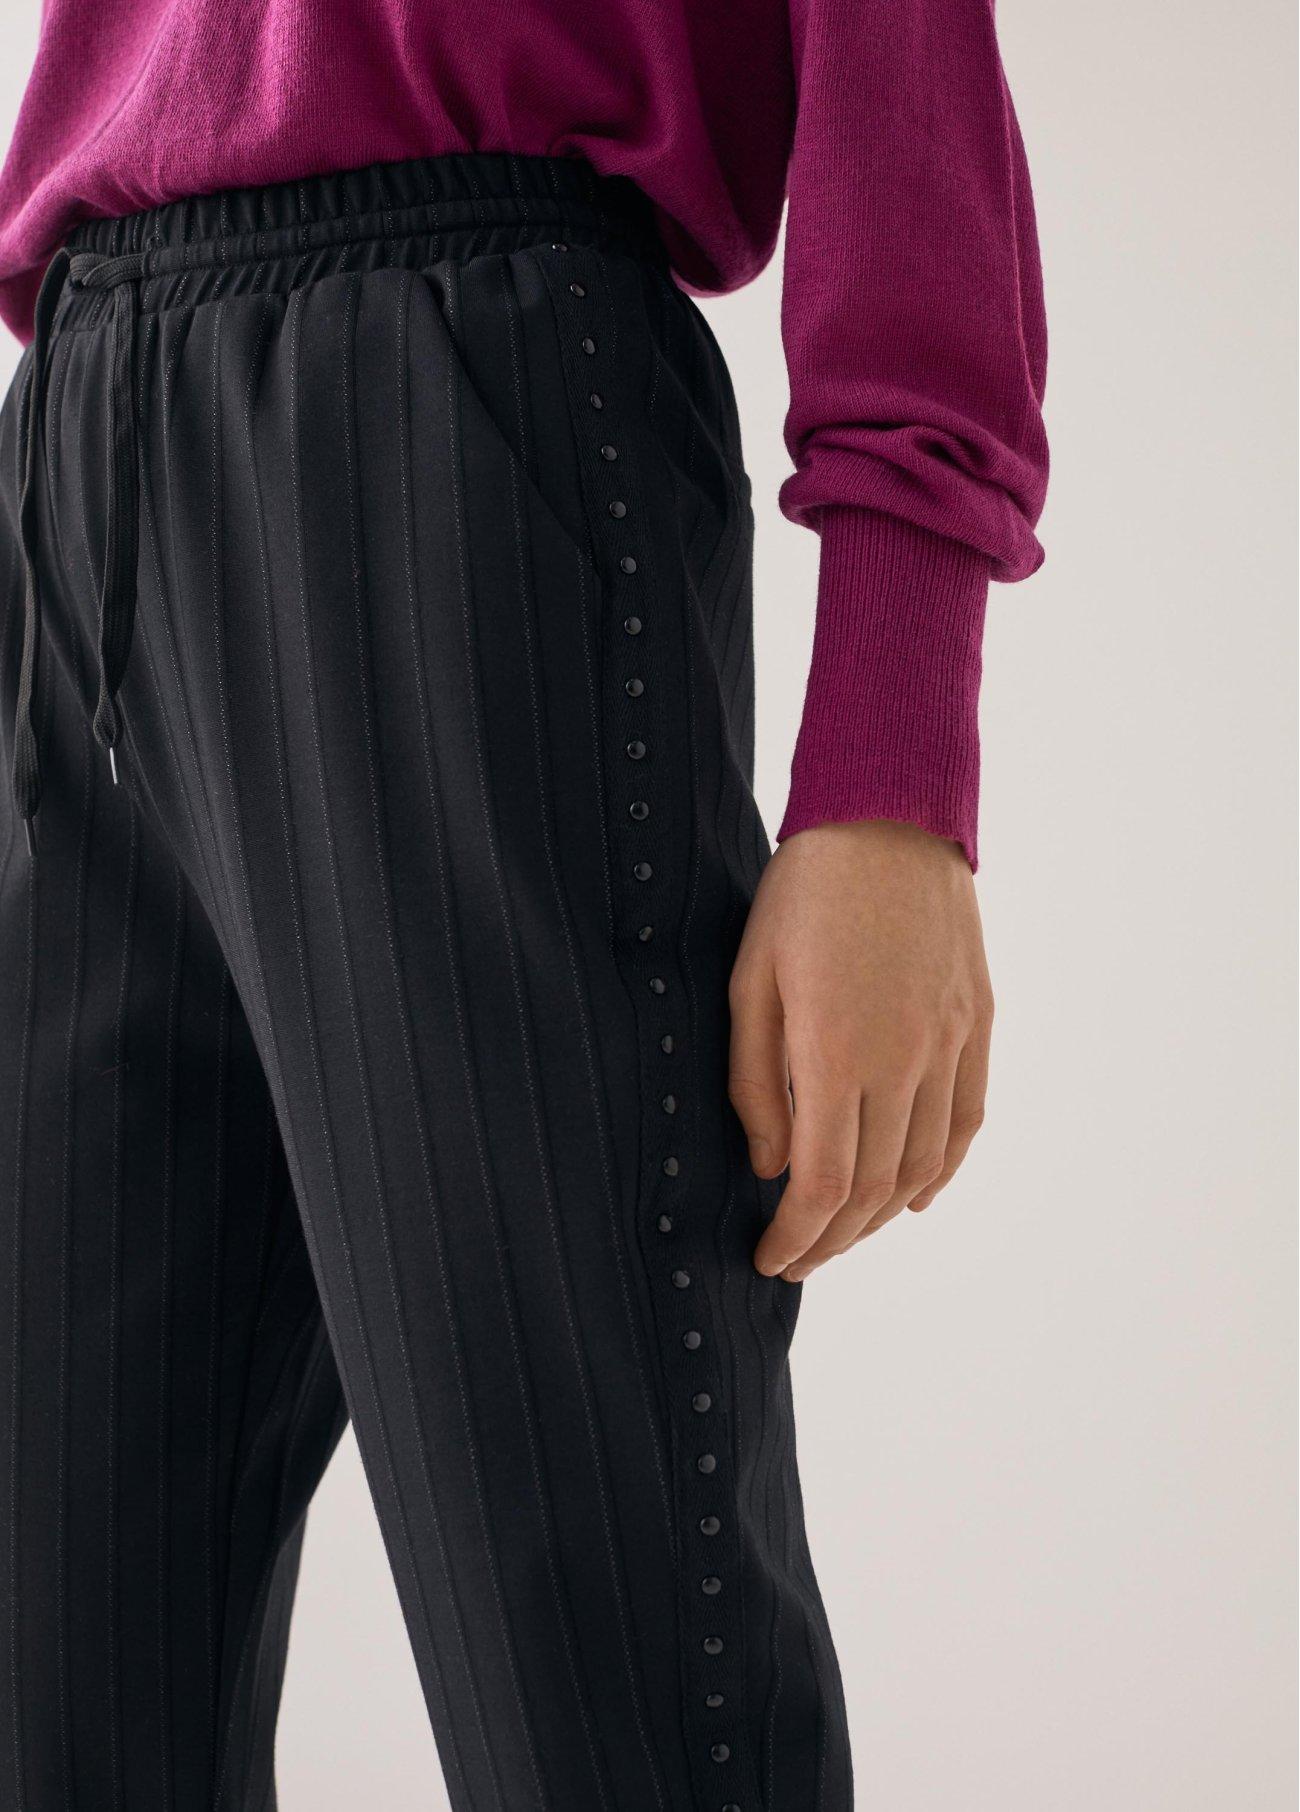 Pantalón con tira lateral, negro 2